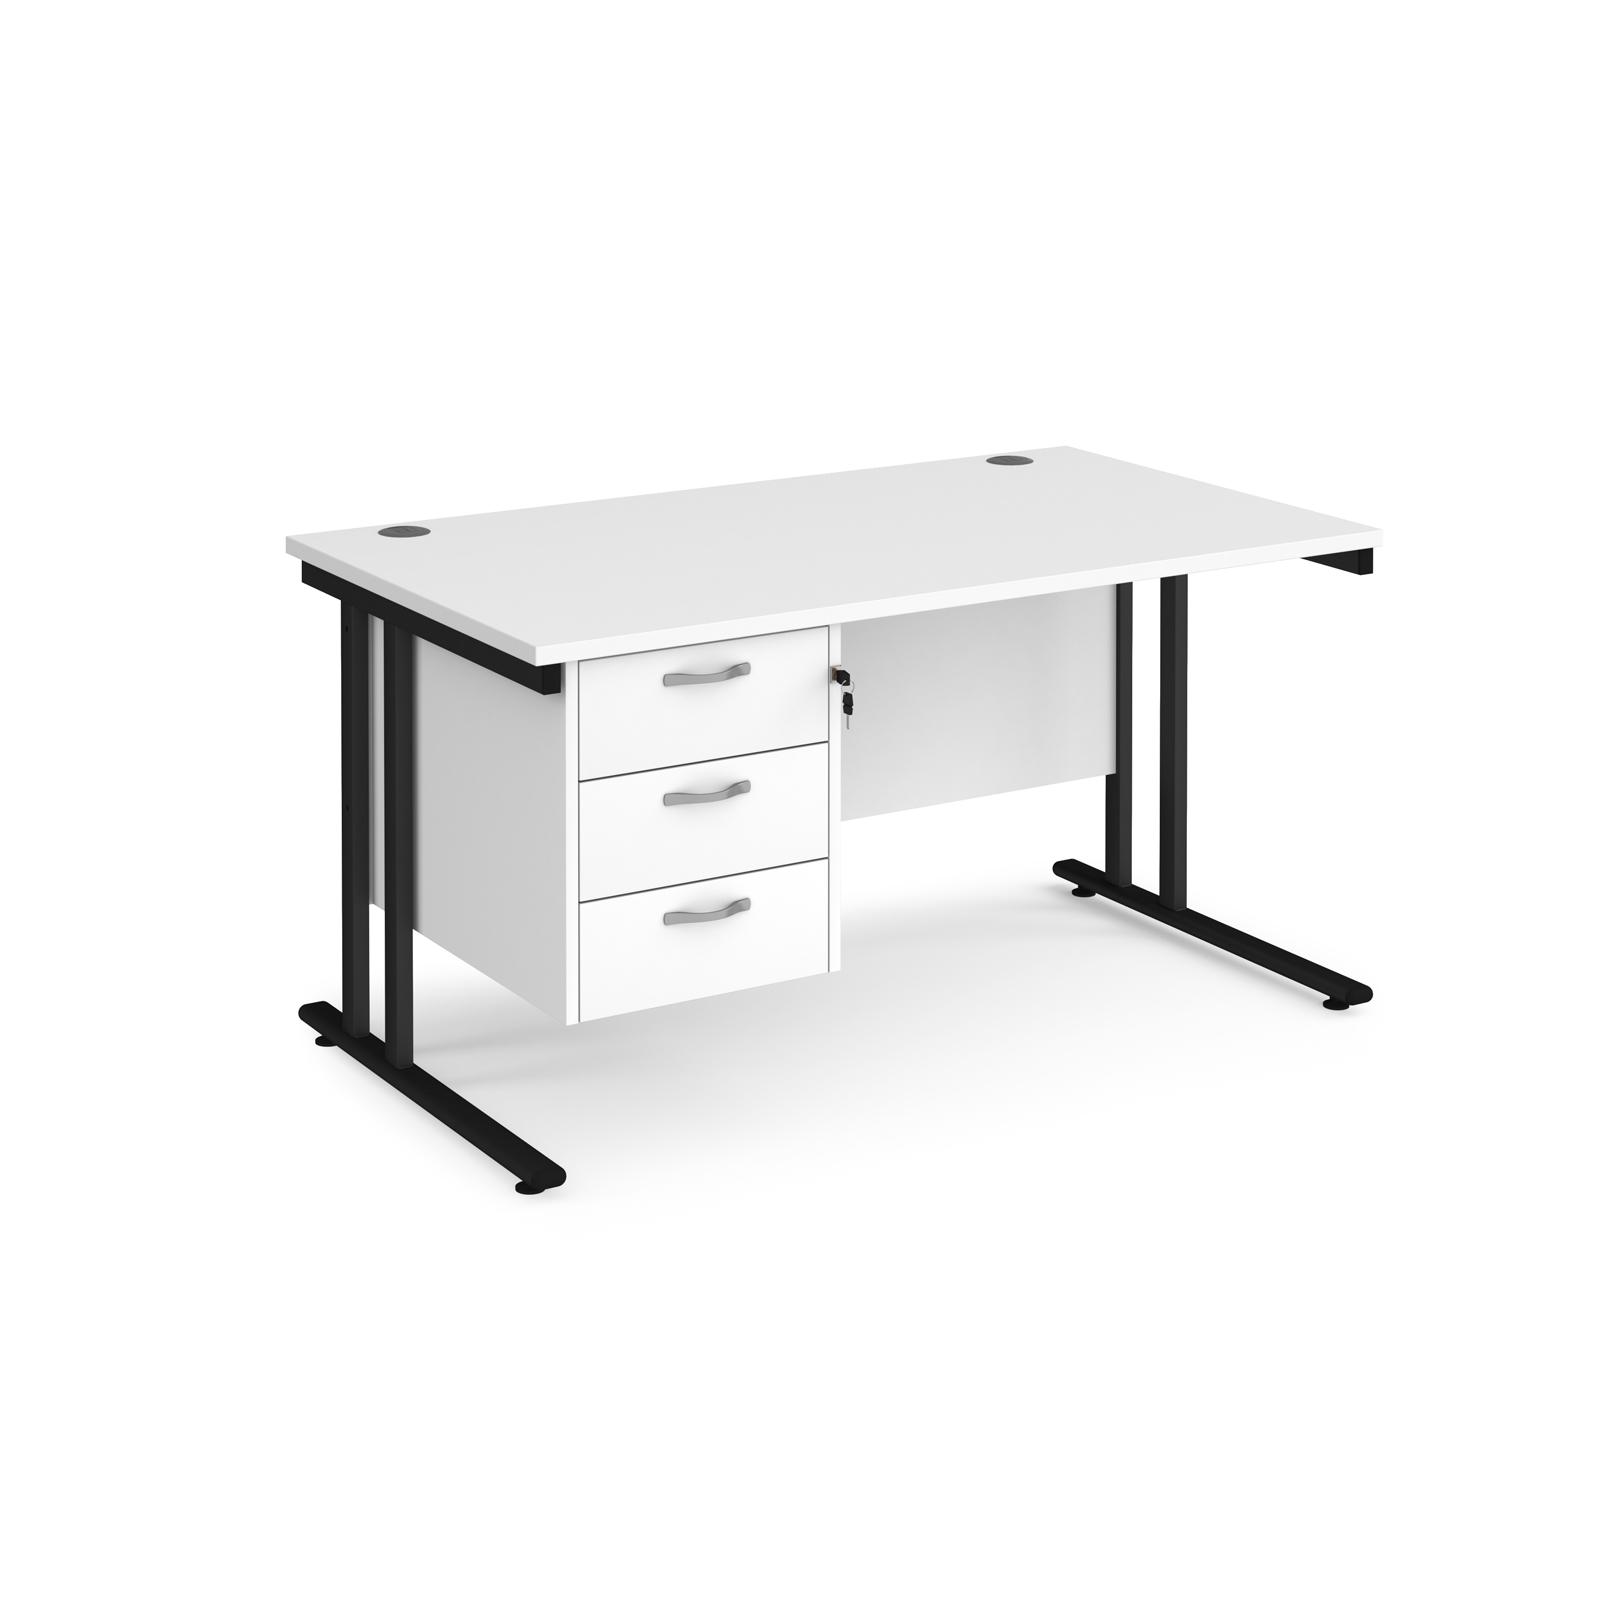 Rectangular Desks Maestro 25 straight desk 1400mm x 800mm with 3 drawer pedestal - black cantilever leg frame, white top